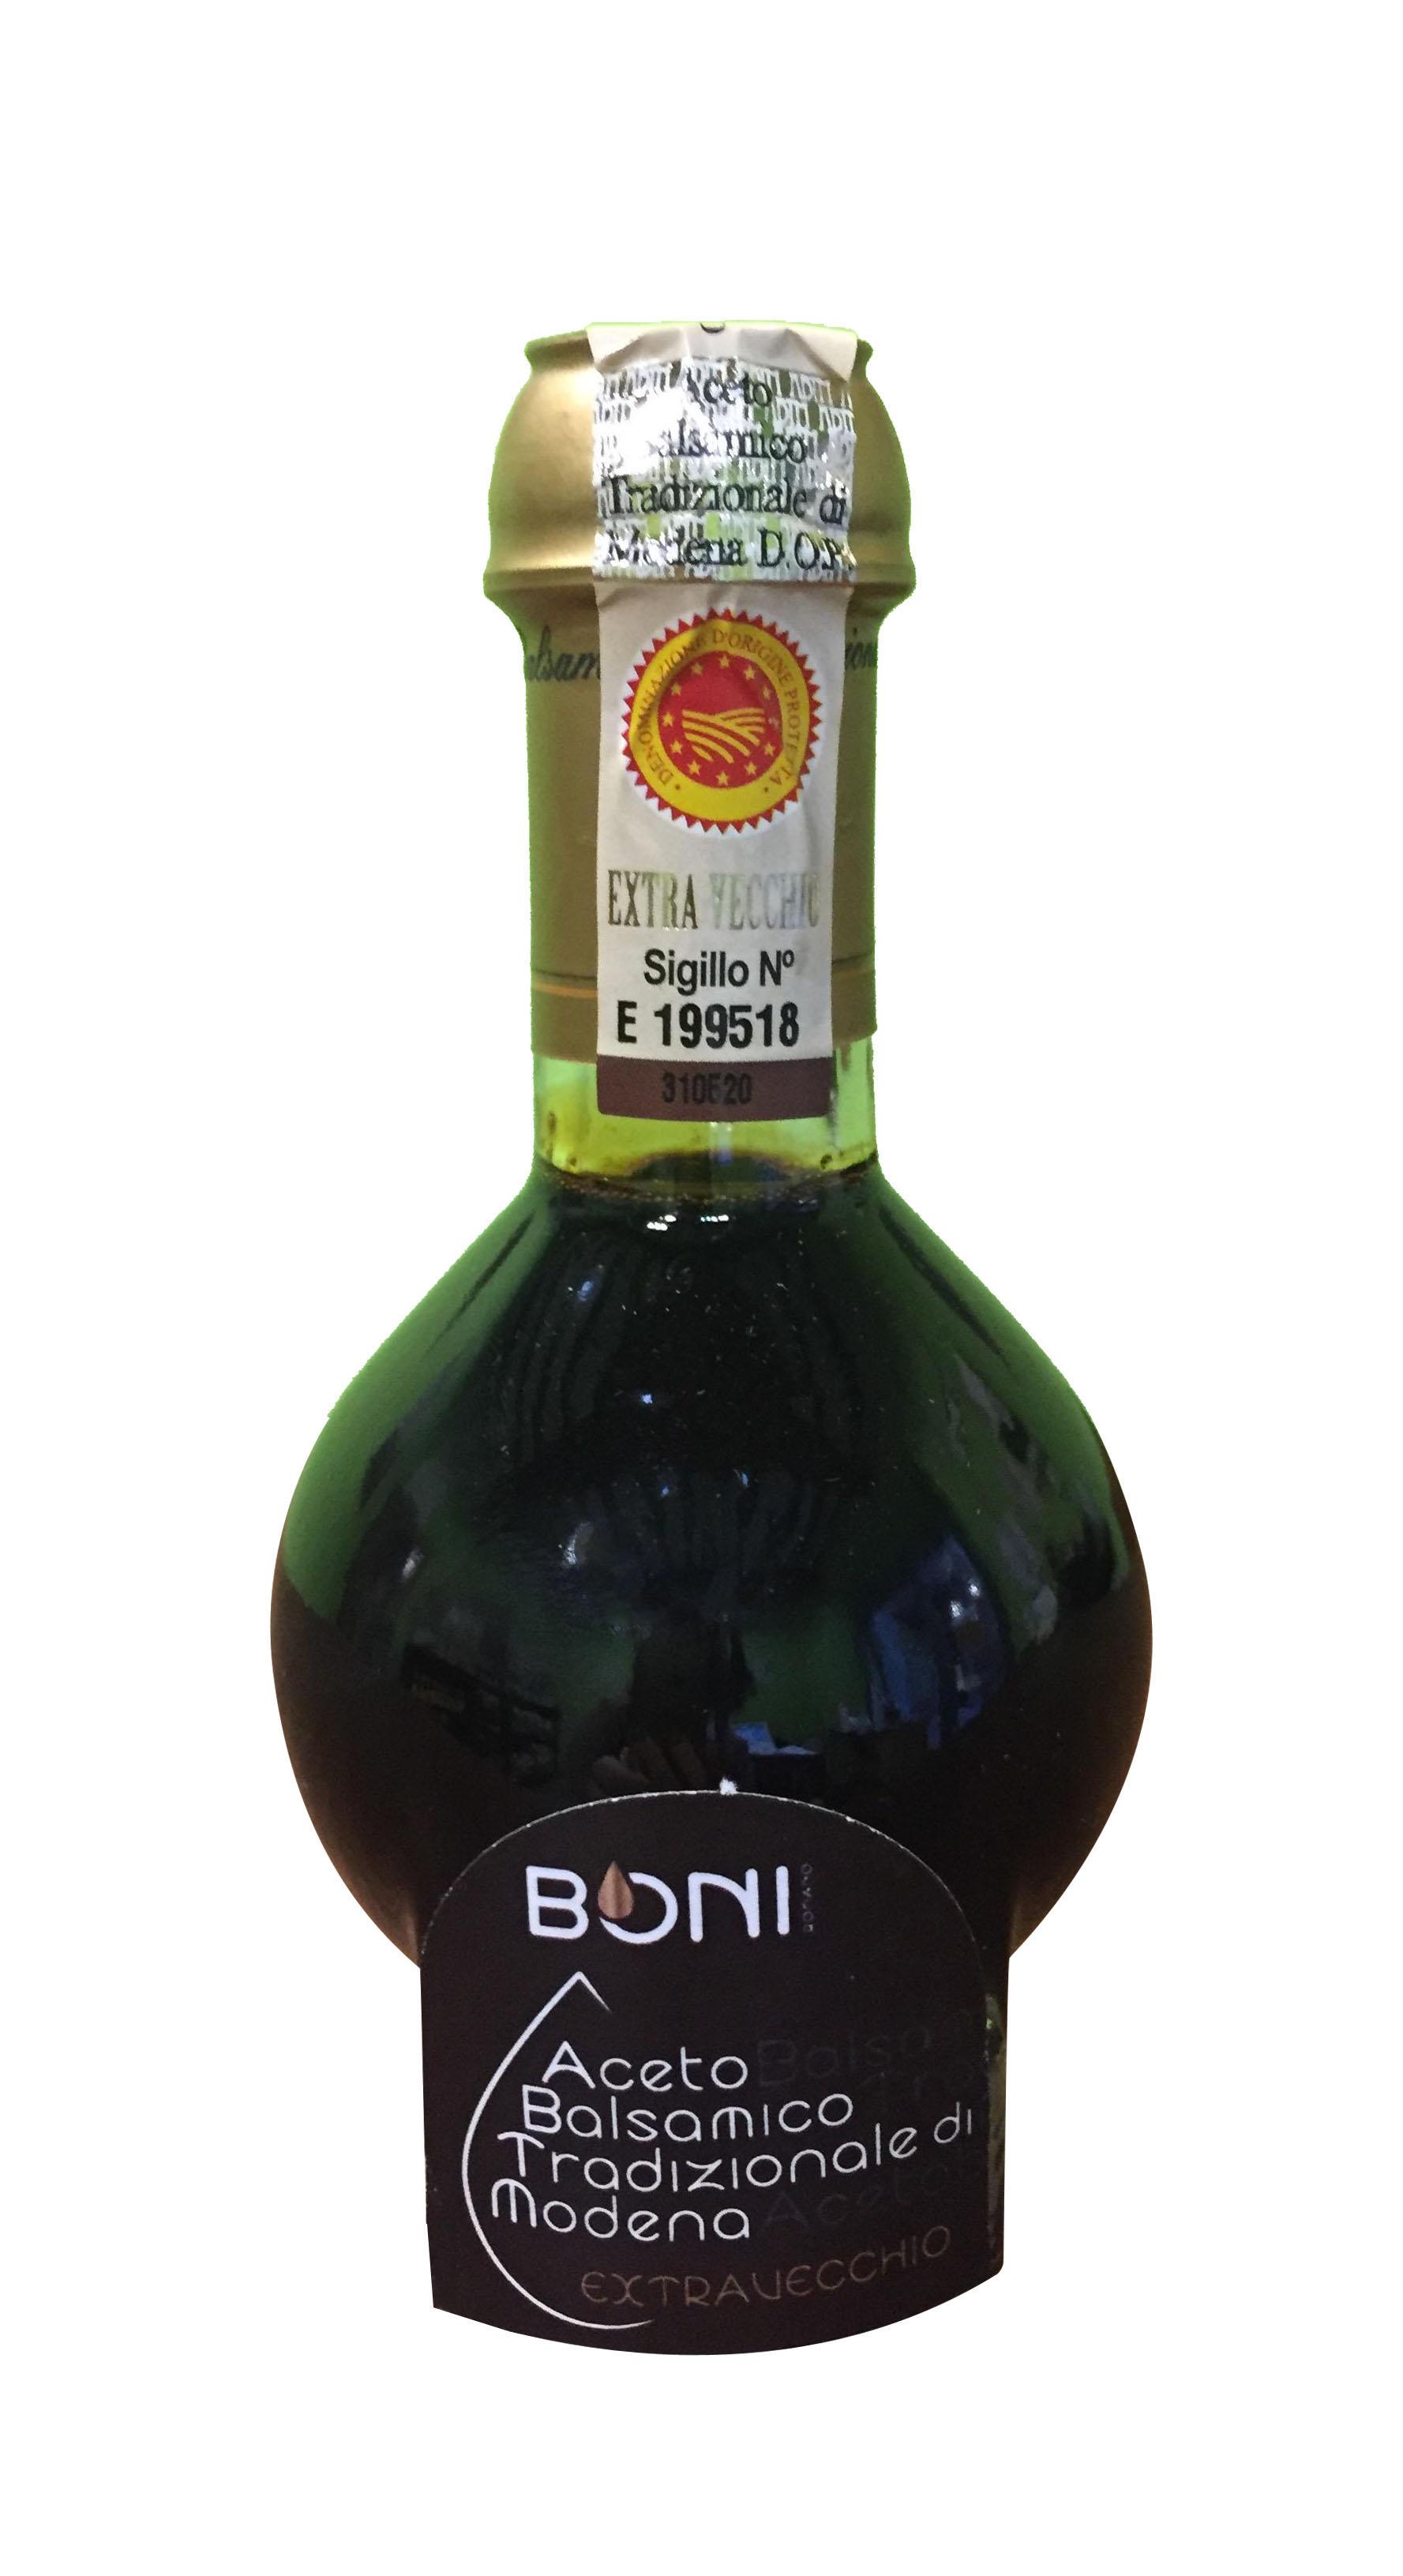 Aceto DOP Balsamico Tradizionale di Modena Extra Vecchio invecchiato almeno 25 anni cl 10